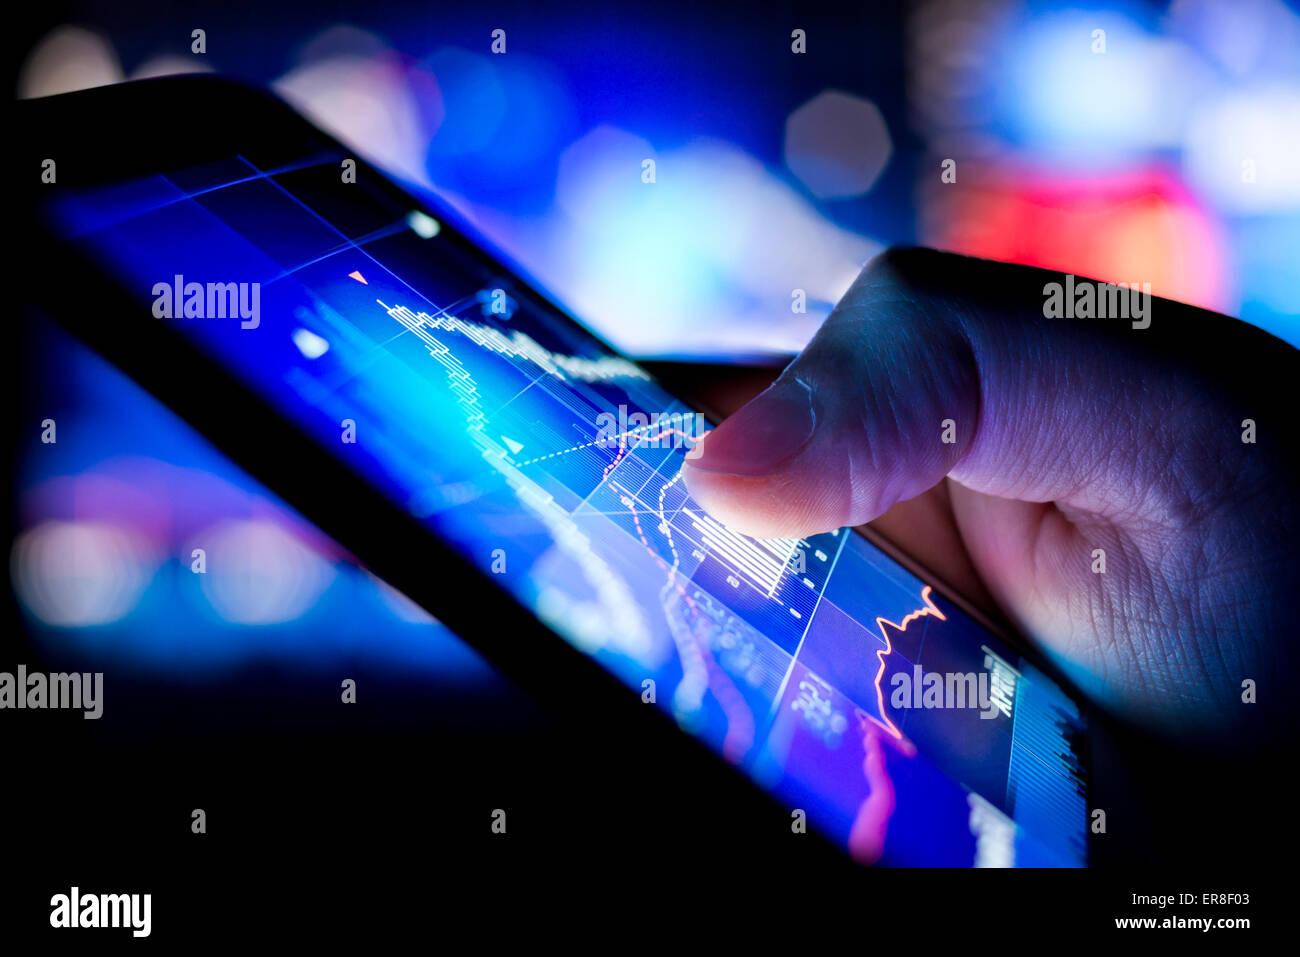 Una persona revisando los datos del mercado bursátil en un dispositivo móvil. Imagen De Stock